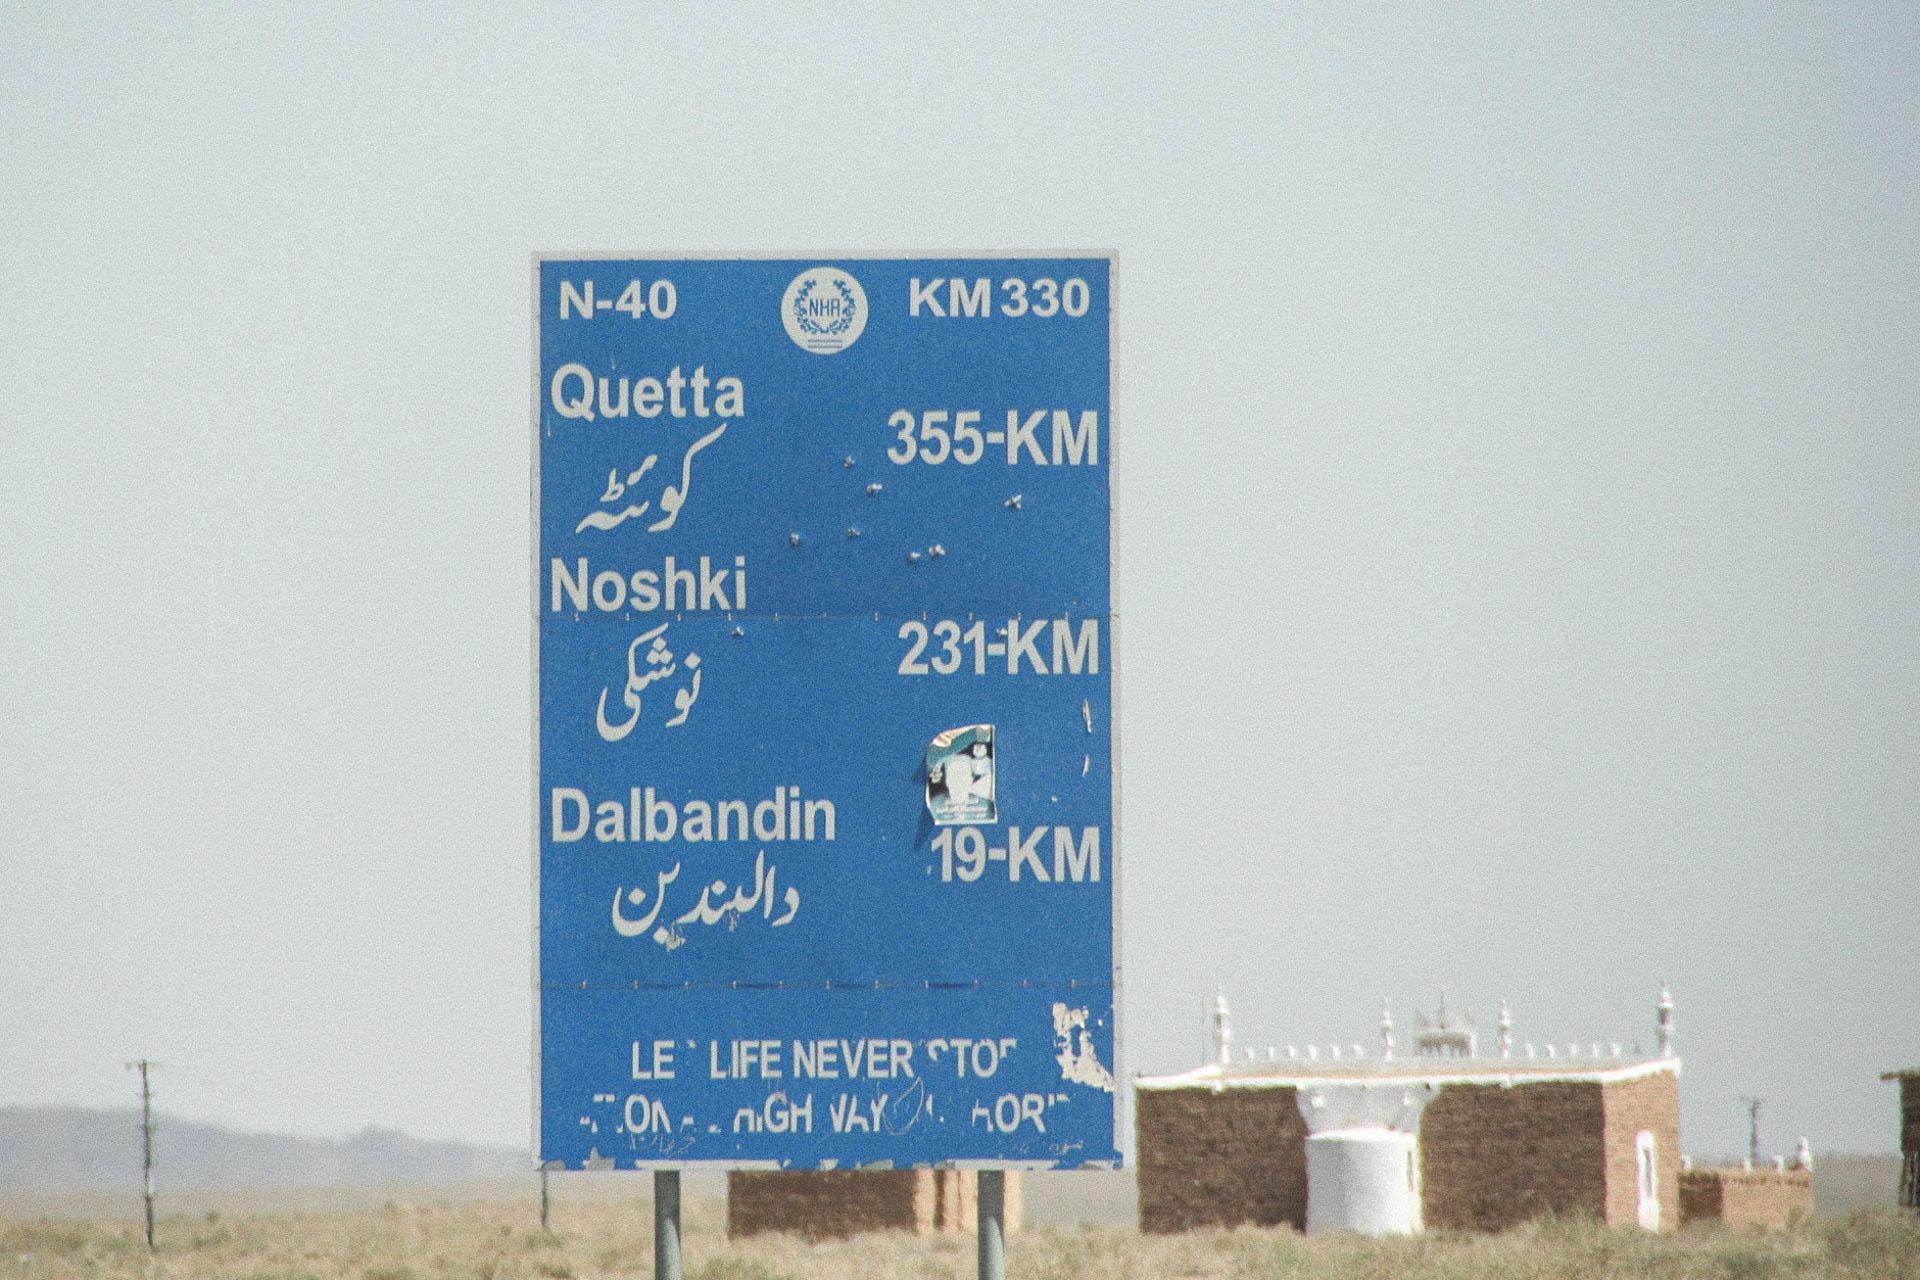 Quetta 355 km